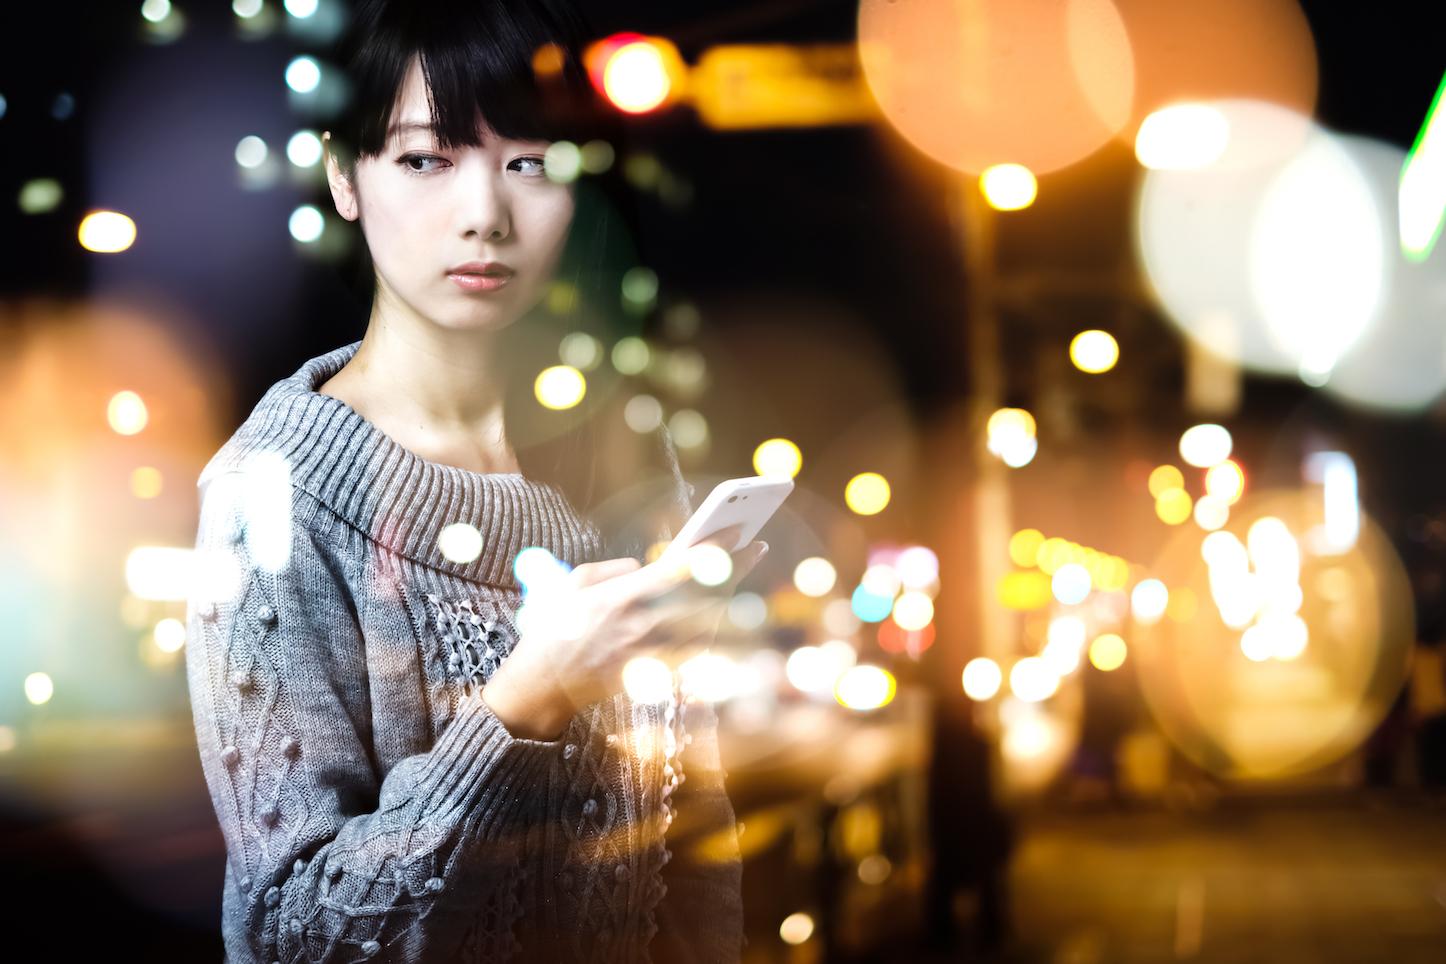 ぱくたそ×エブリスタ 小説表紙プレゼント大賞!作品大募集